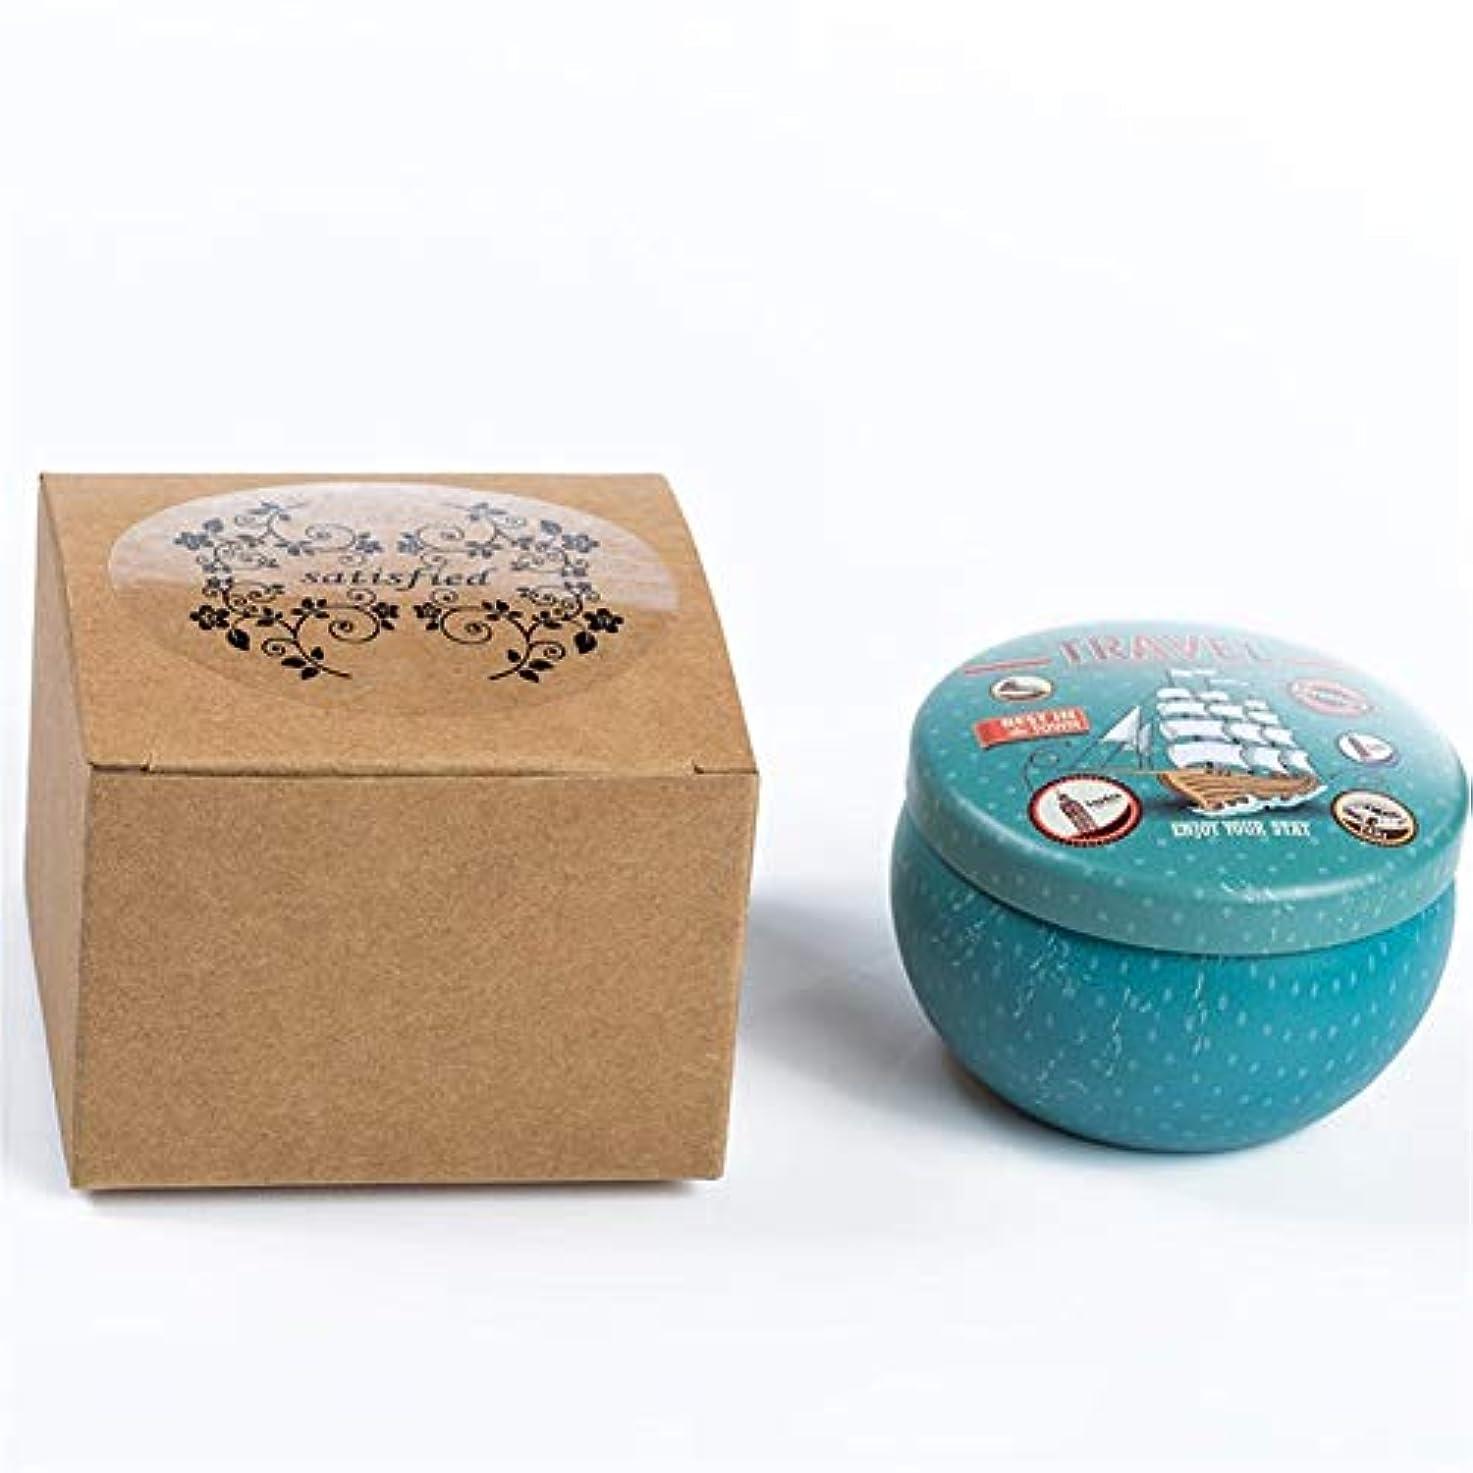 効率汚物上げるGuomao 漫画のブリキの箱の香料入りの蝋燭の家のなだめるような睡眠、新しく、快適な臭いがする蝋燭 (色 : Lavender)